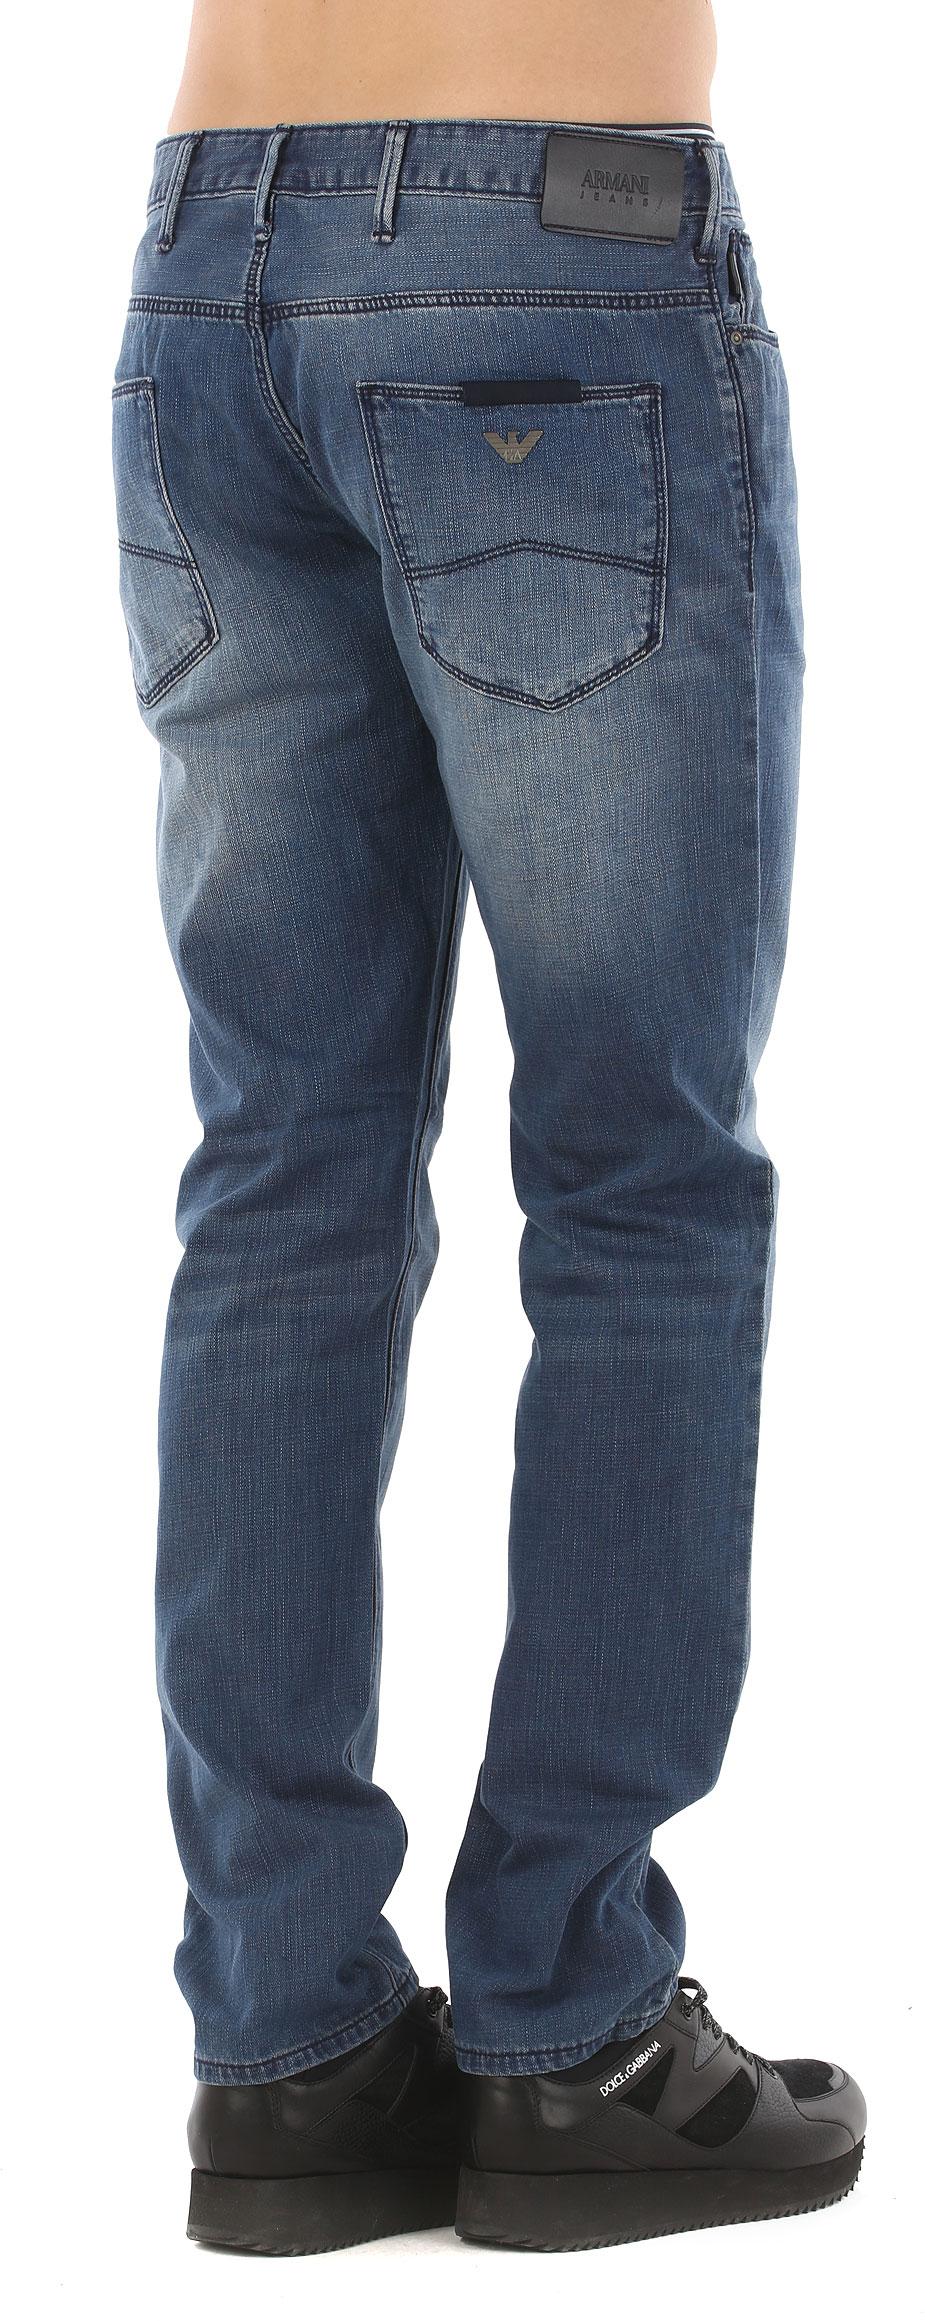 3y6j06 Uomo Abbigliamento 6dbrz Articolo Abbigliamento Armani 6dbrz Codice Armani Articolo Uomo Emporio 1500 3y6j06 Codice Emporio qqOCA